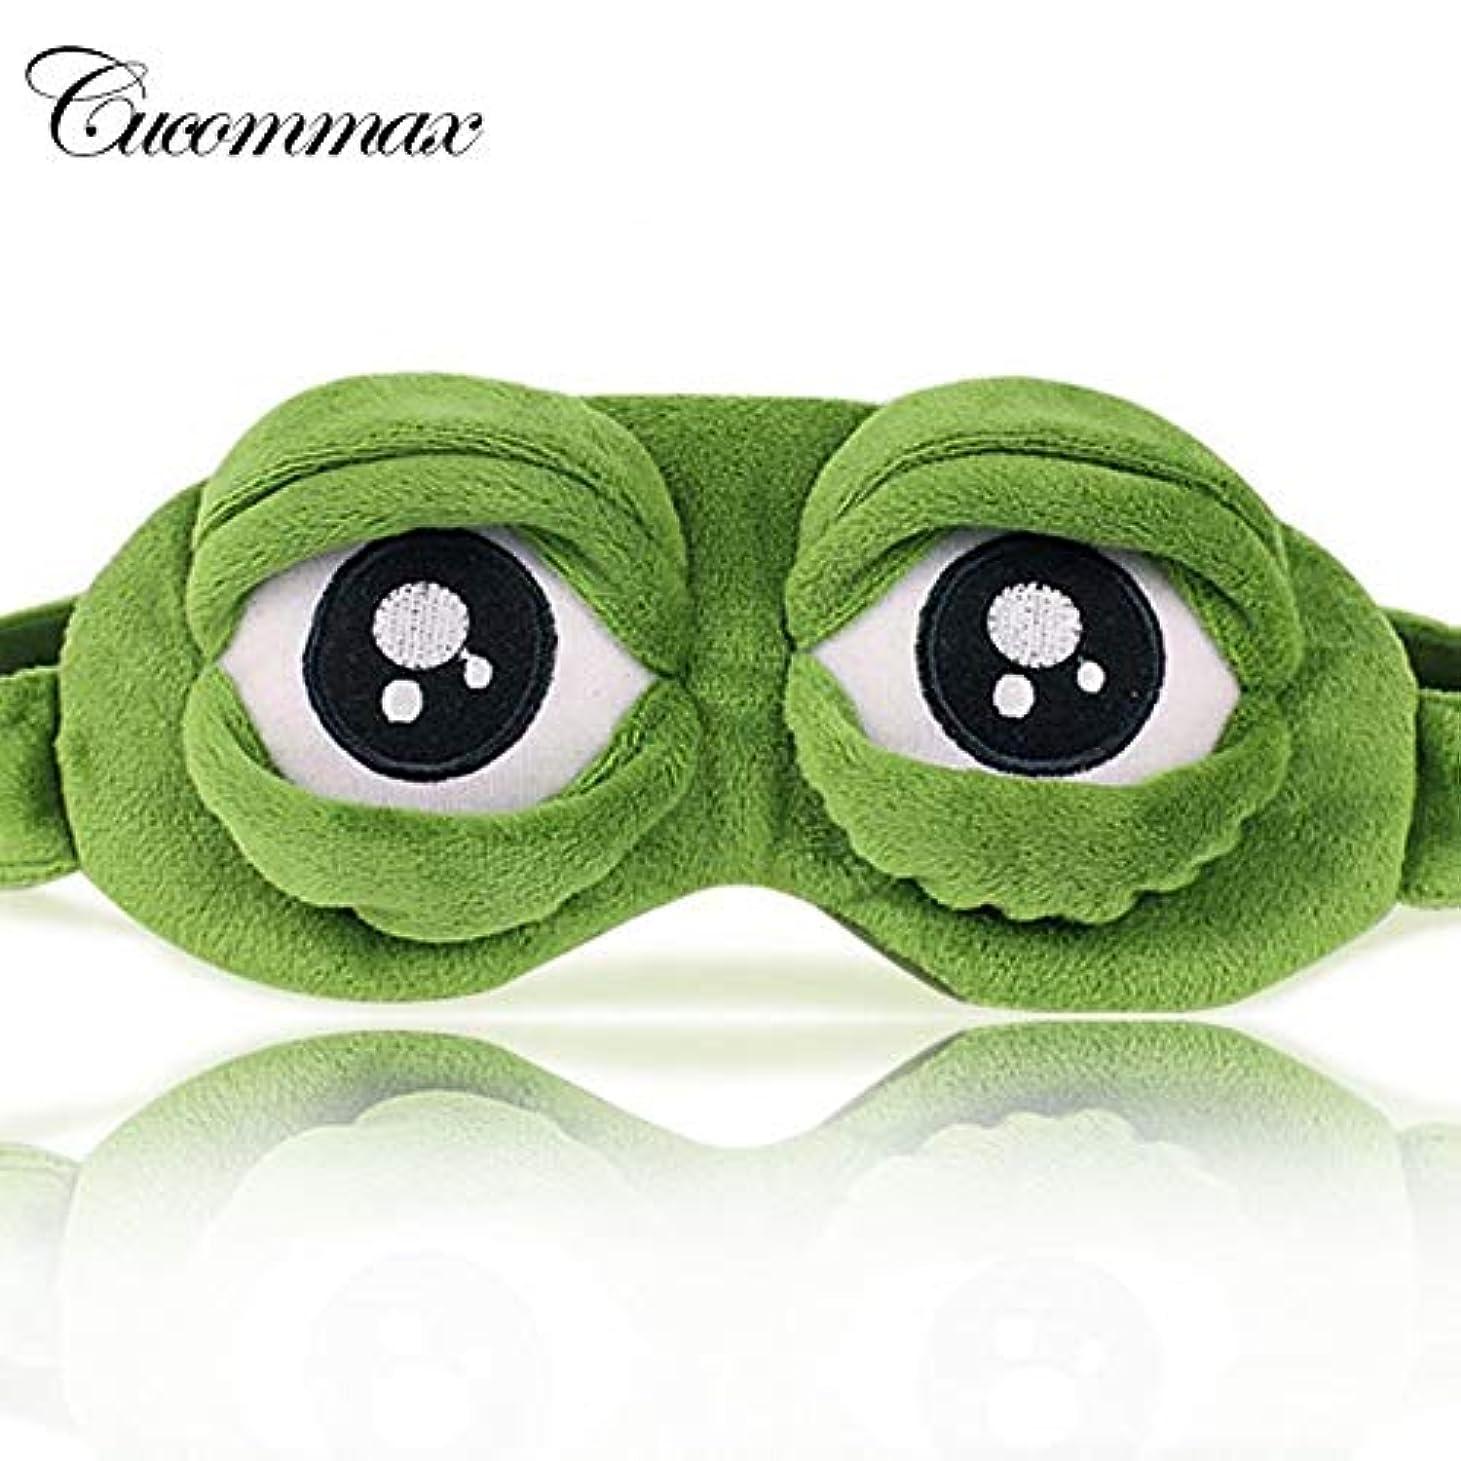 膿瘍韓国等々NOTE Cucommax 1ピース悲しいカエルスタイルスリーピングアイマスク昼寝漫画ぬいぐるみアイシェードスリープマスク包帯用睡眠 - MSK50